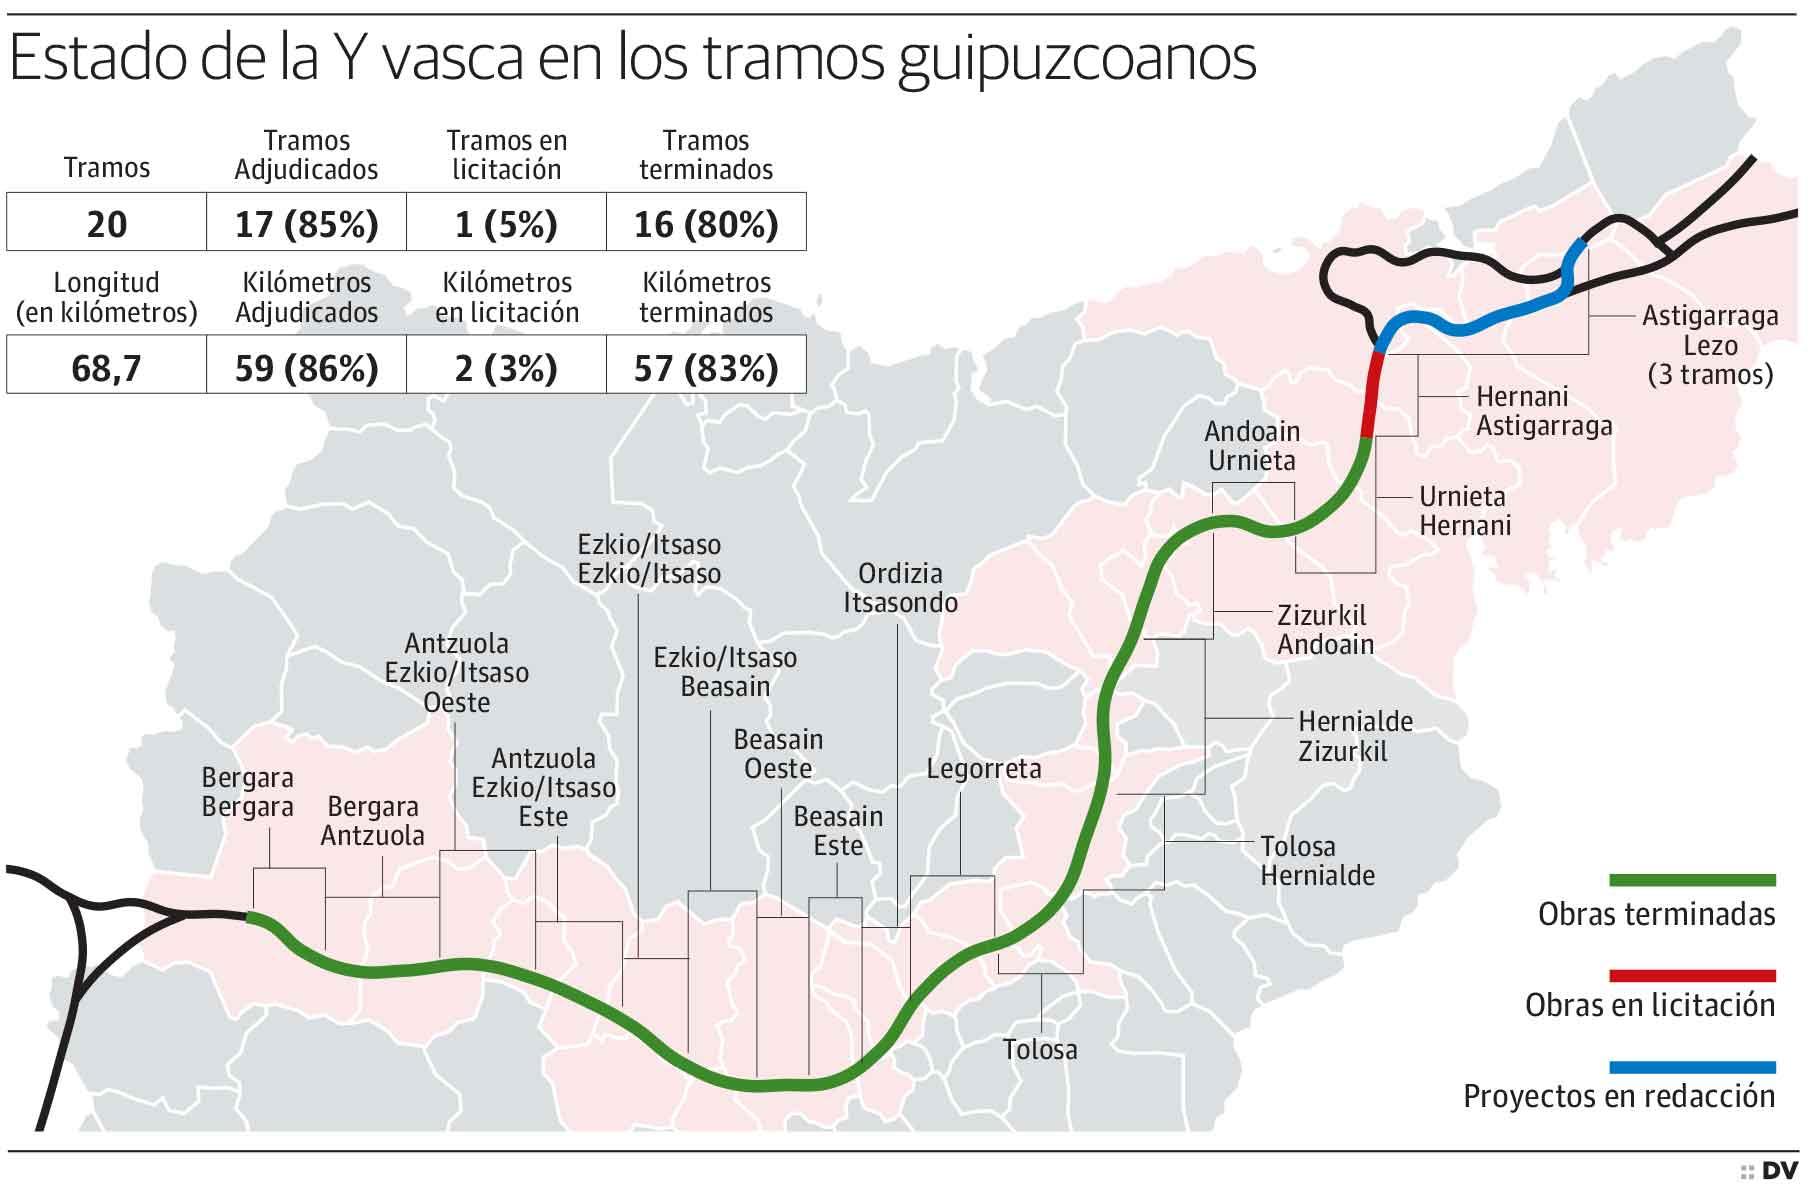 Estado de la Y vasca en los tramos guipuzcoanos